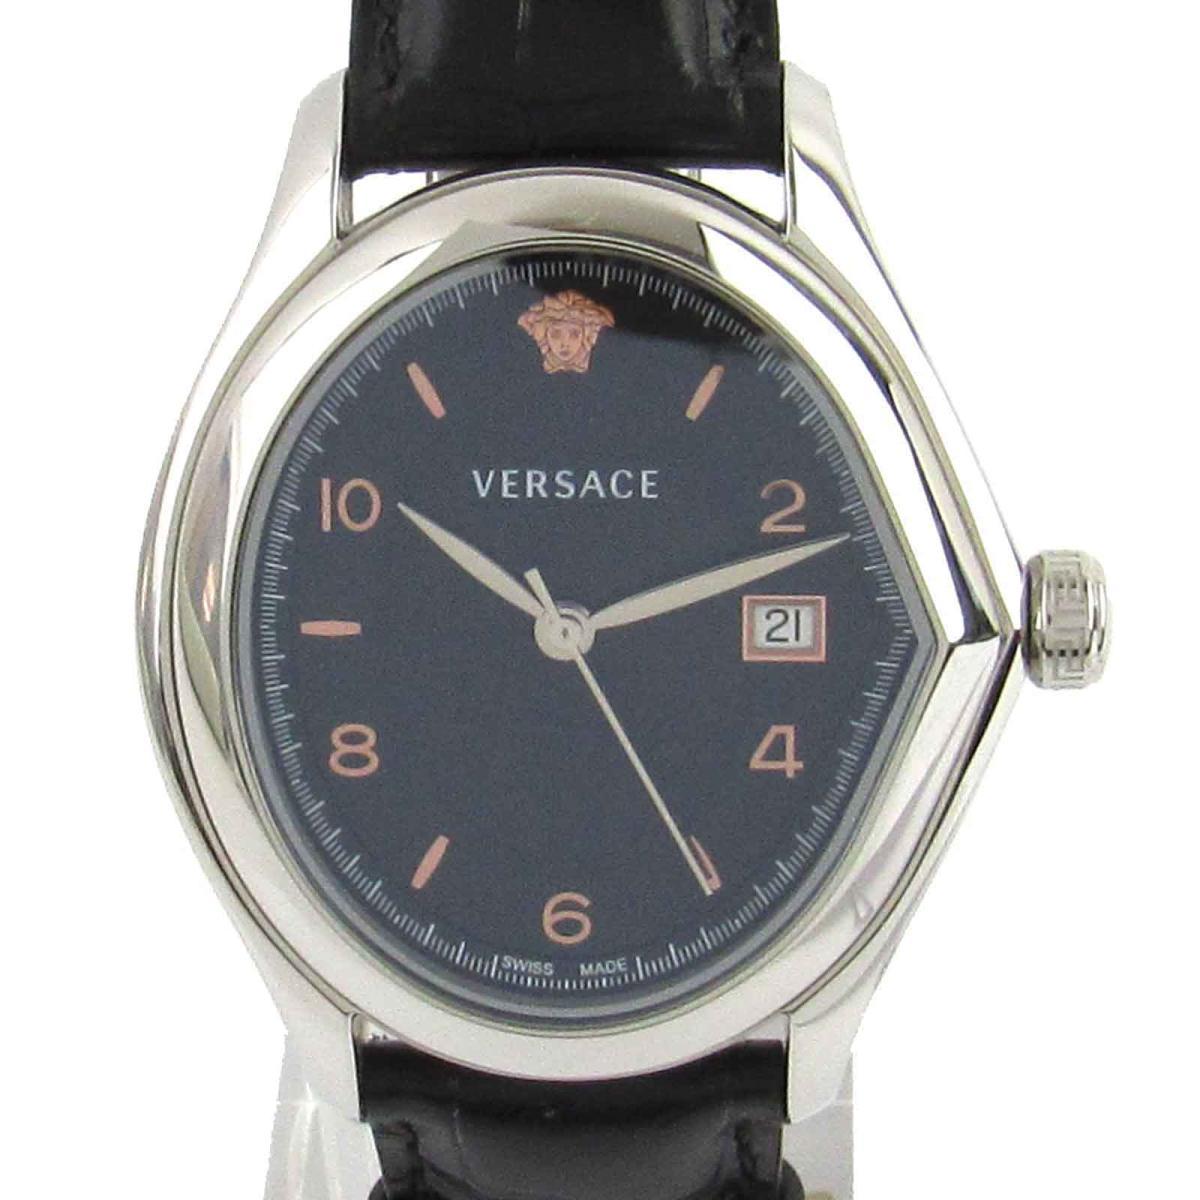 【中古】 ヴェルサーチ Vマスター ウォッチ 腕時計 メンズ ステンレススチール (SS) x レザー (20Q) | VERSACE クオーツ クォーツ 時計 Vマスター 美品 ブランドオフ